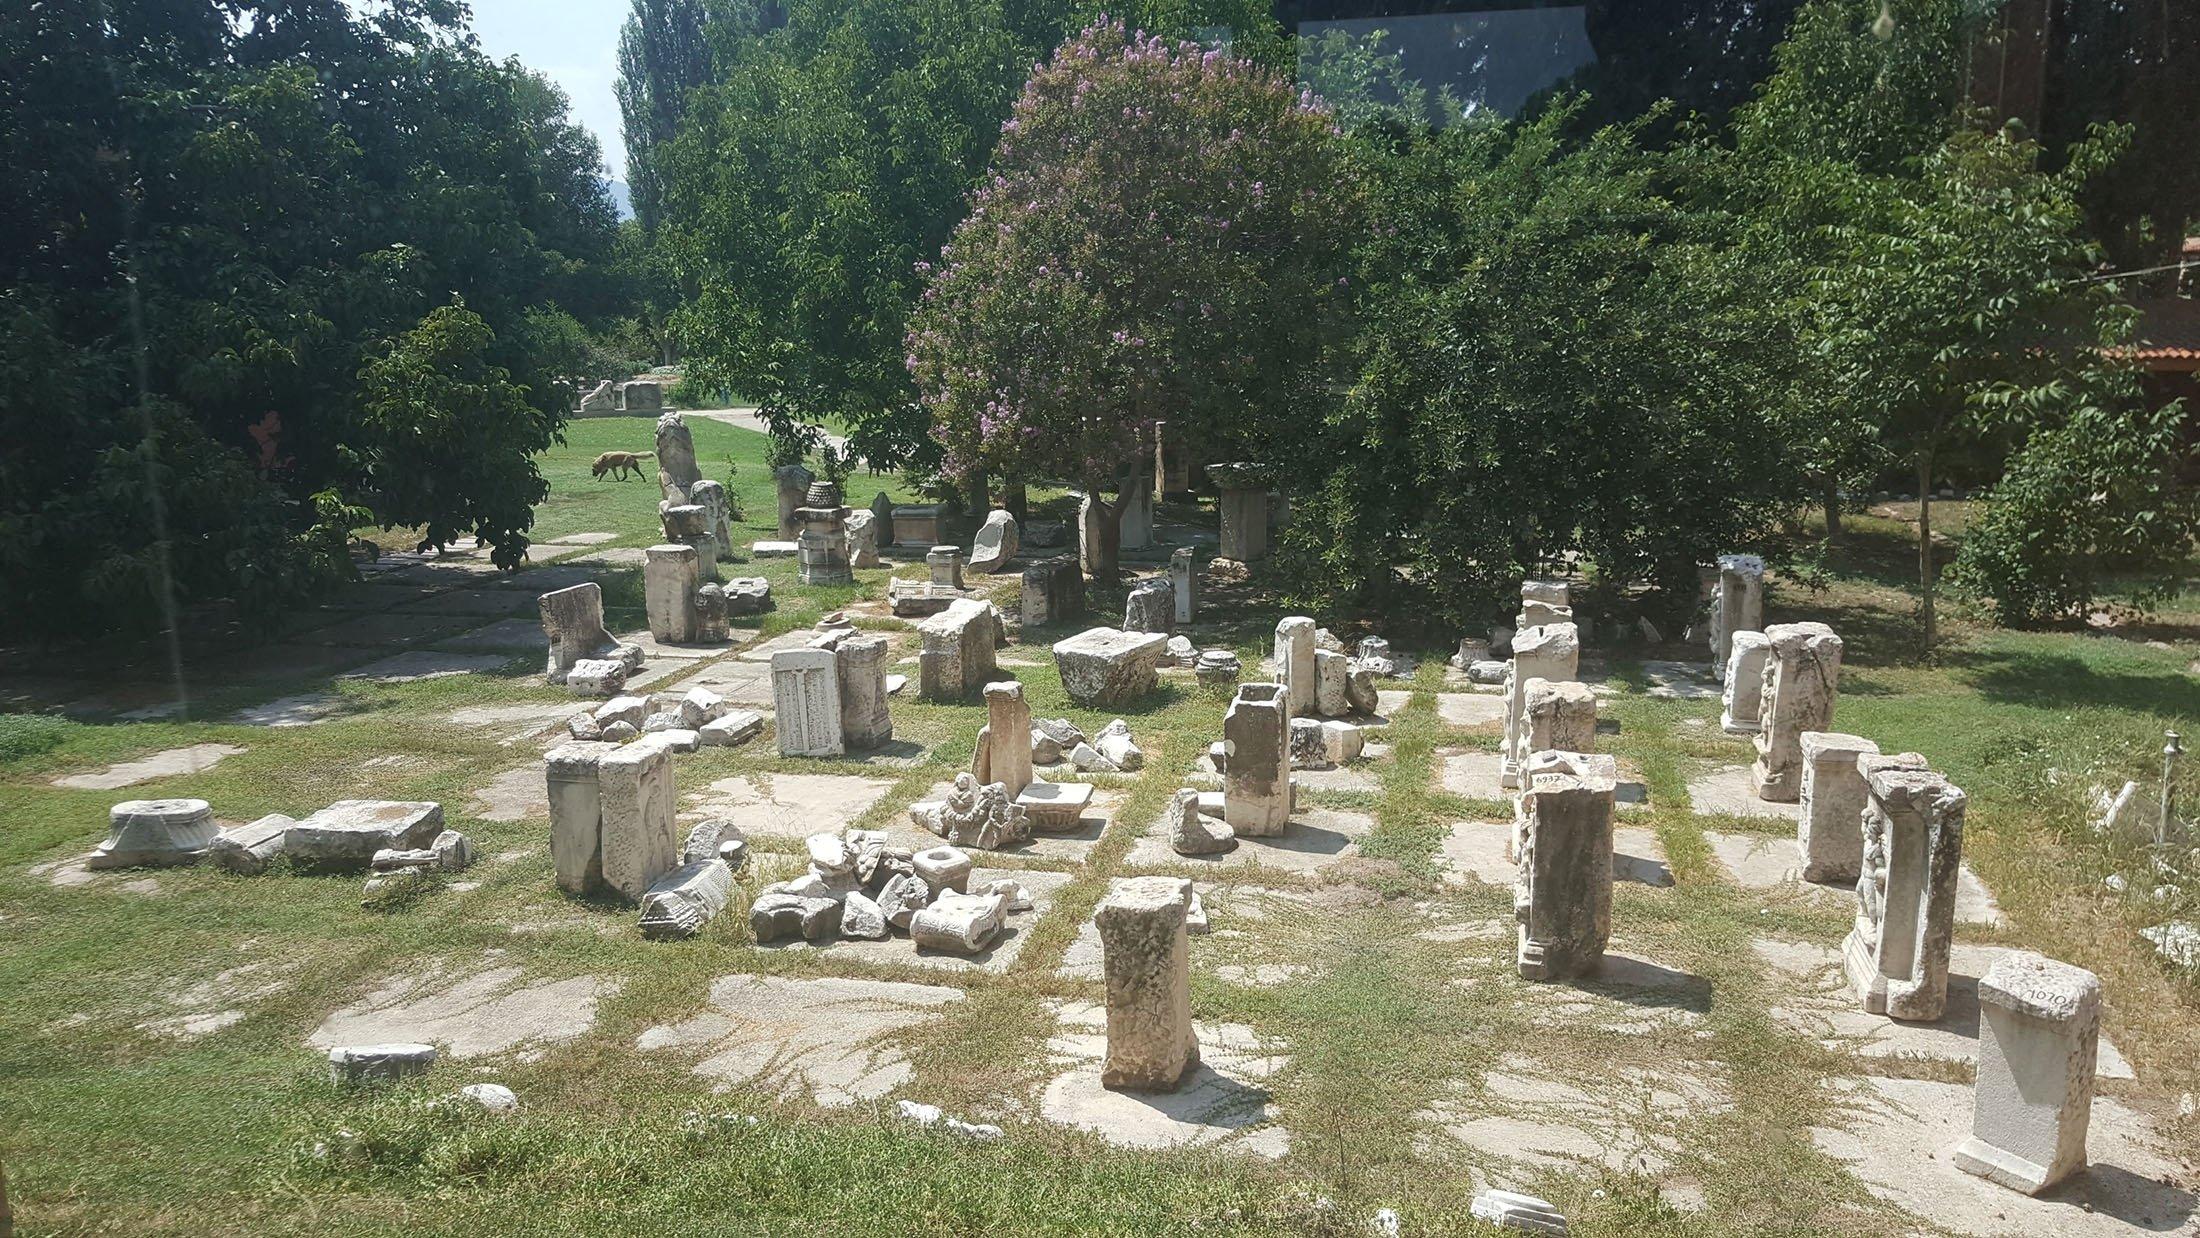 The ruins of Aphrodisias. (Photo by Argun Konuk)